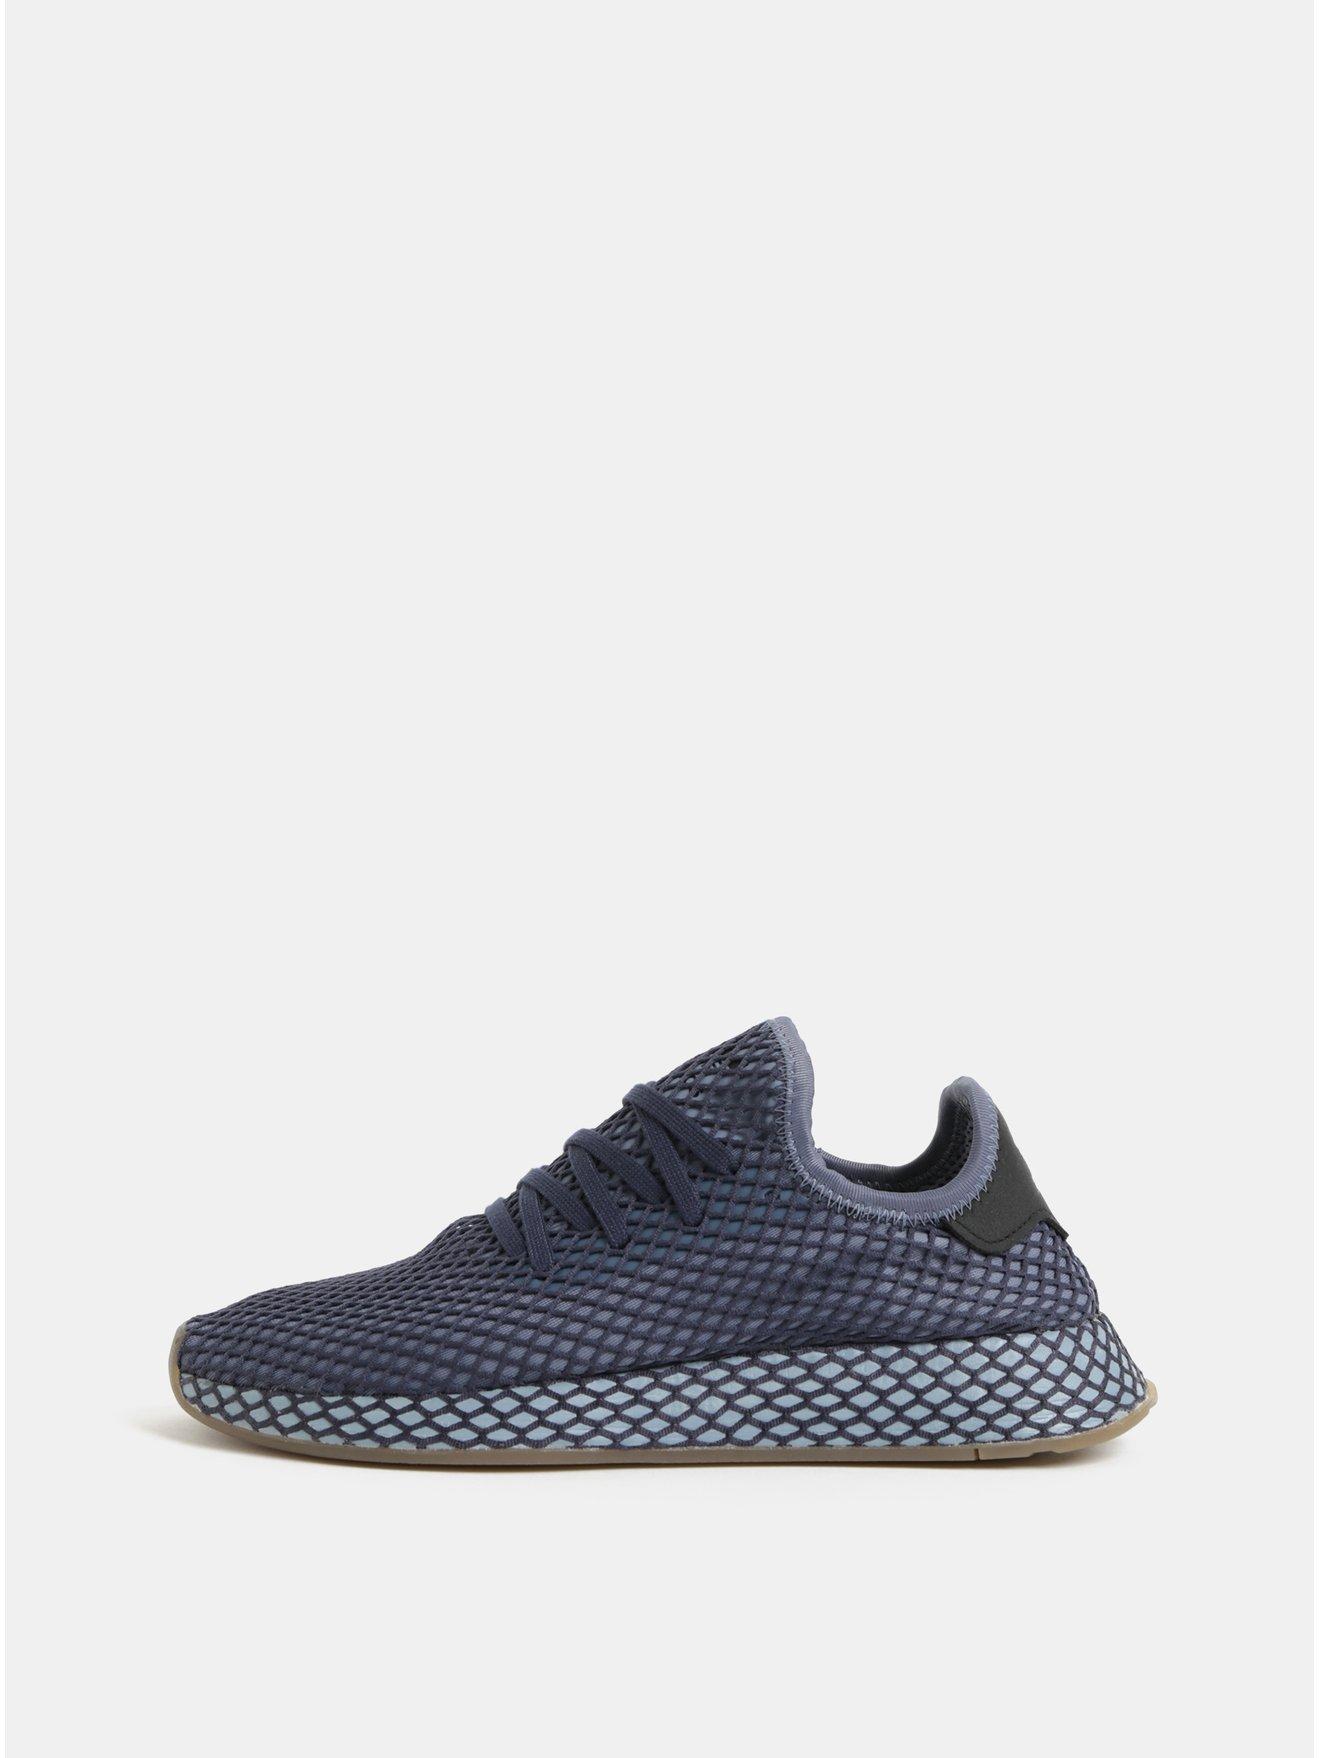 Modré pánské síťované tenisky adidas Originals Deerupt Runner 30e9740e29